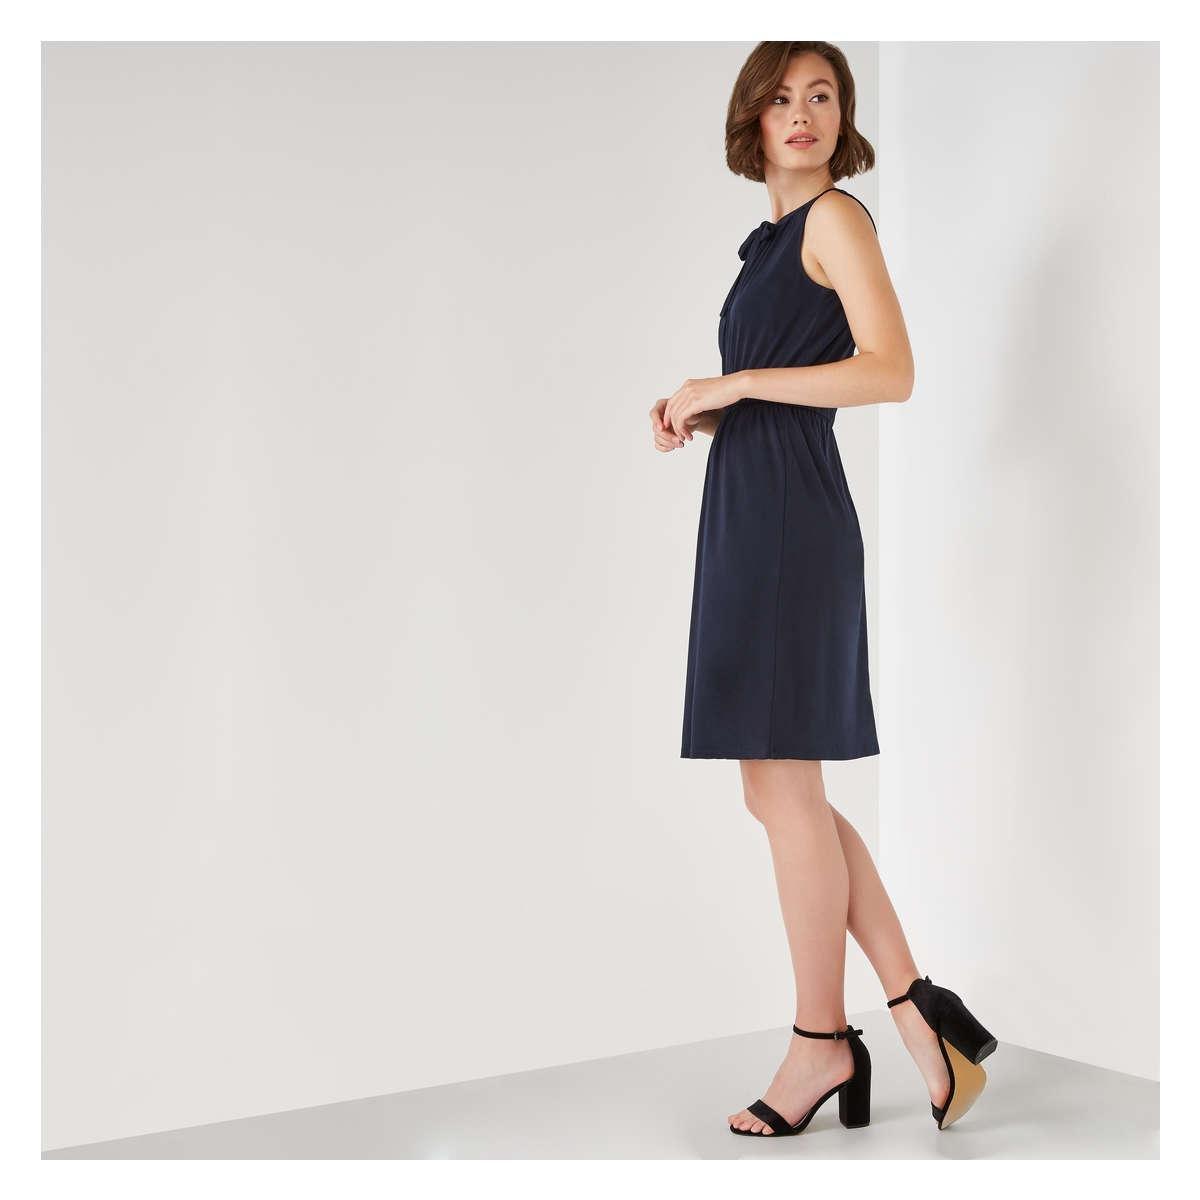 Joe Fresh - Blue Sleeveless Grommet Dress - Lyst. View fullscreen c83a2265a